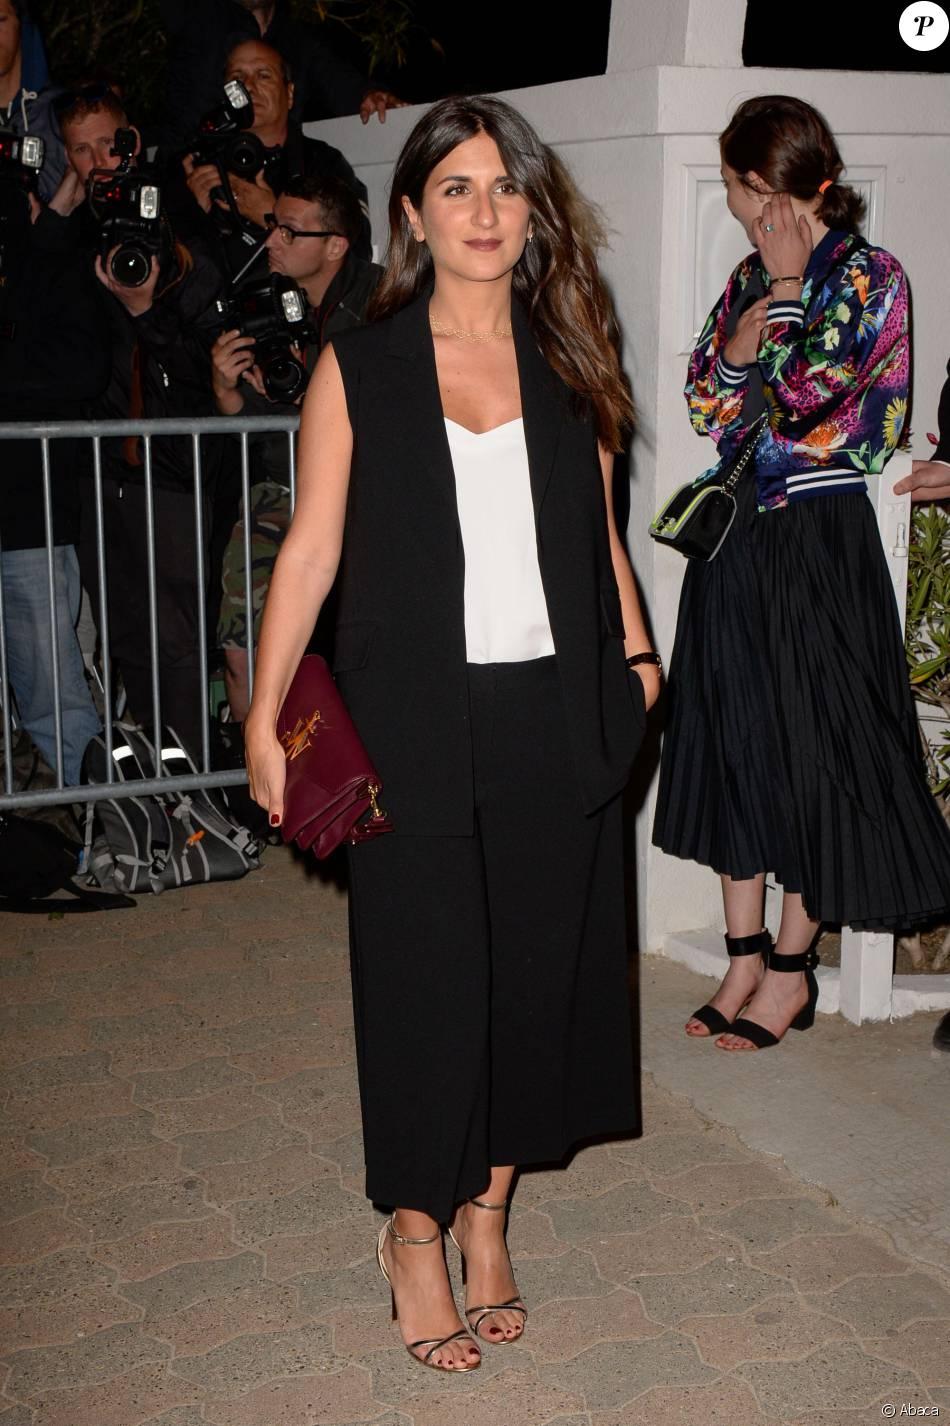 Géraldine Nakache - Dîner organisé par le magazine français Vanity Fair au restaurant Tetou. Vallauris Golfe-Juan, le 12 mai 2016.